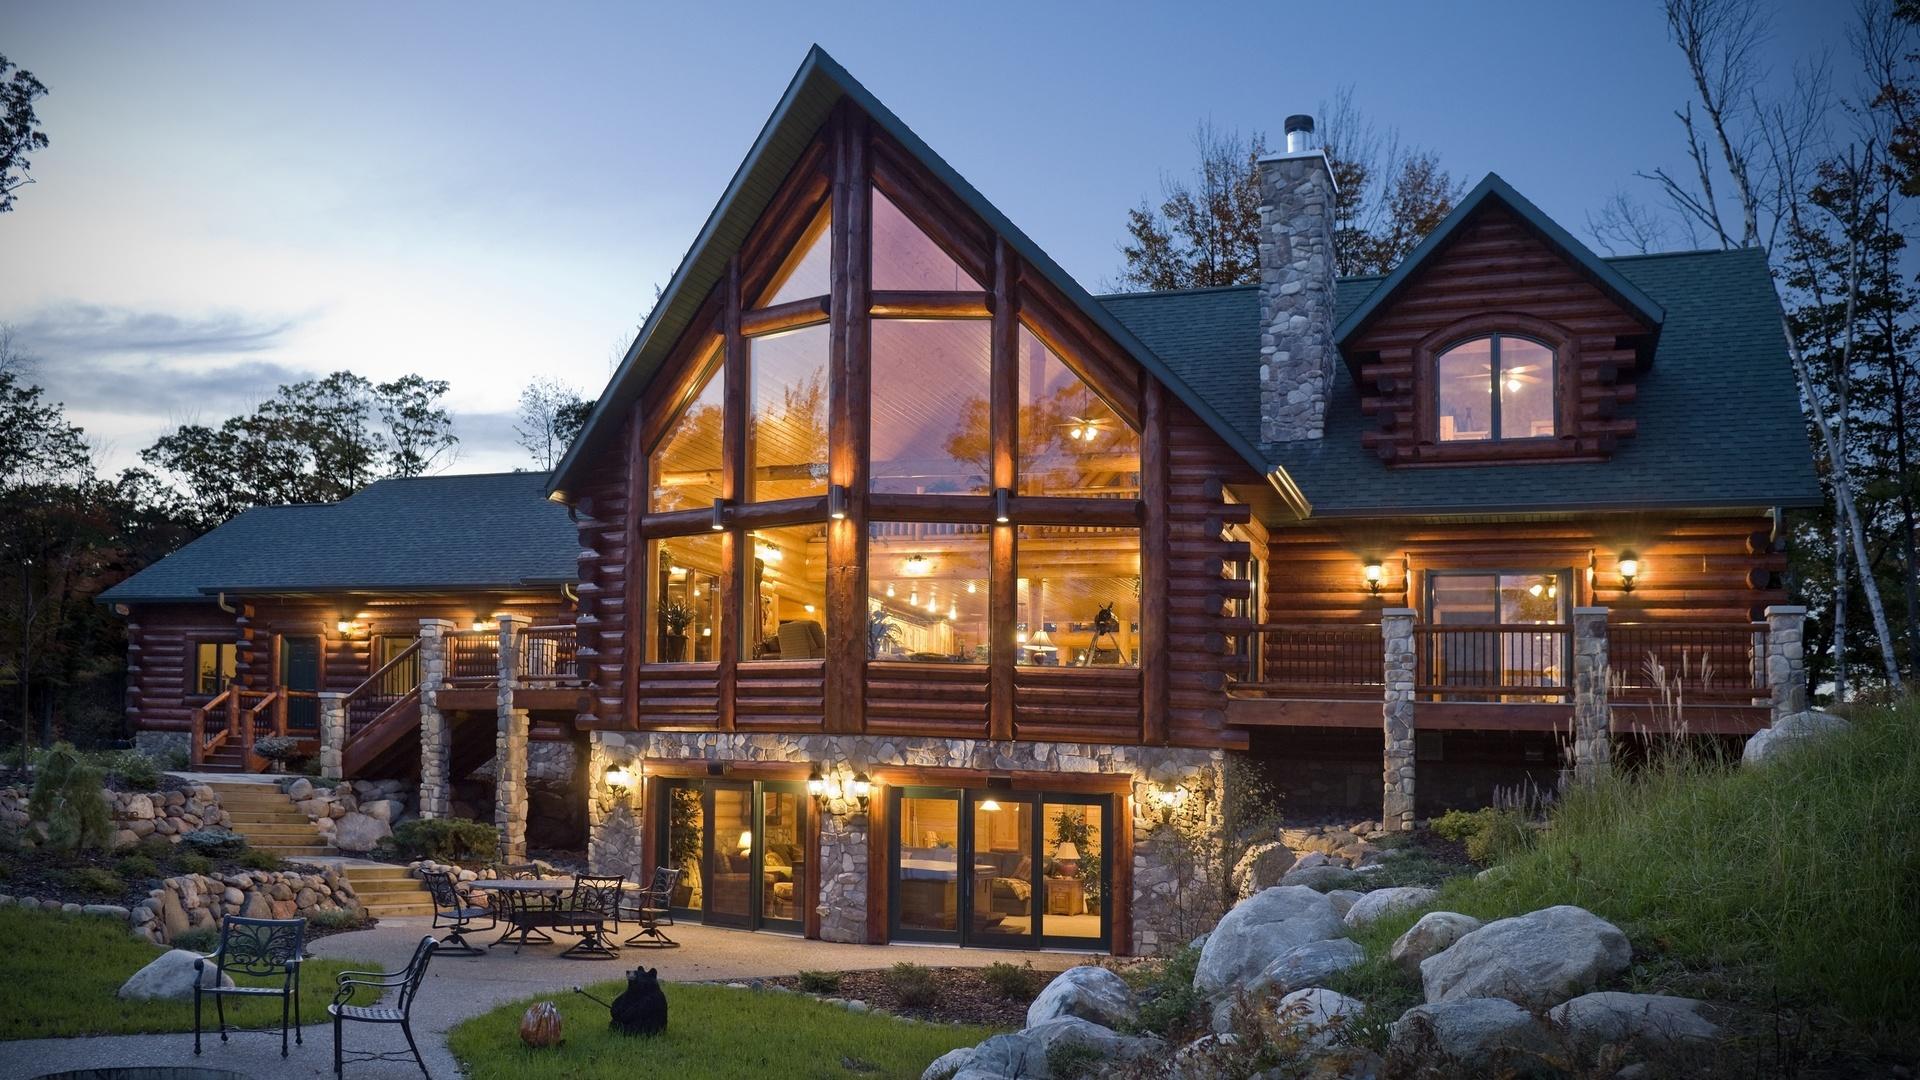 картинки с красивыми загородными домами куда приятнее